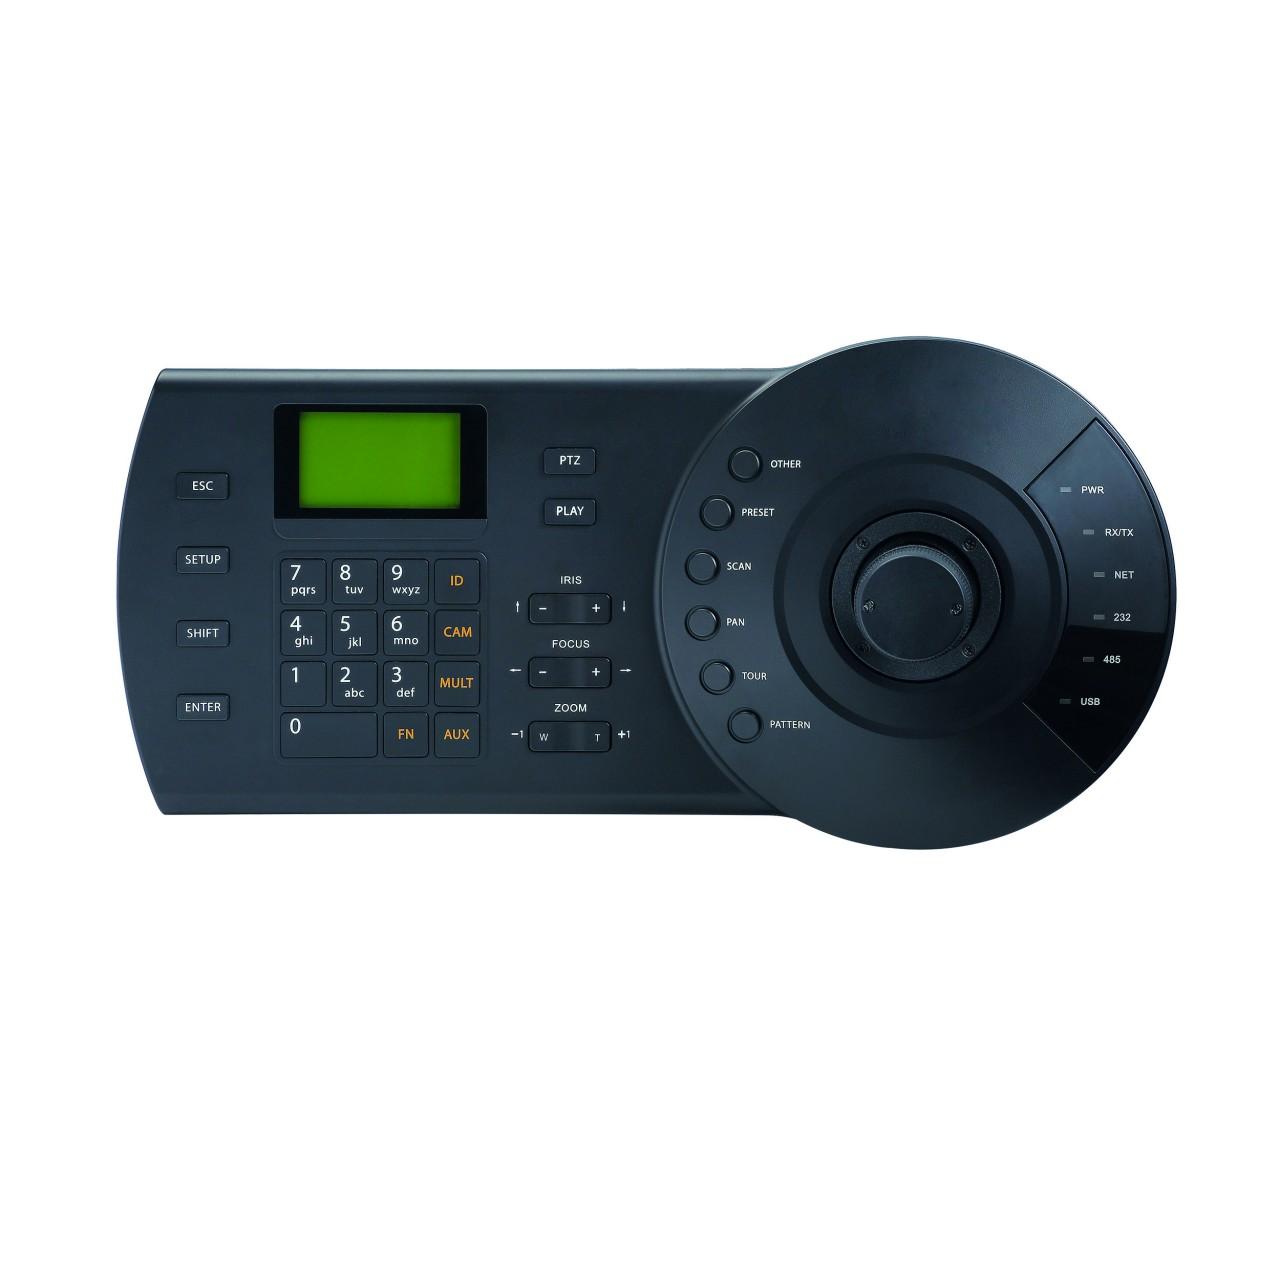 TURM Netzwerk Steuergerät für PTZ Kameras, USB, RJ45, RS485